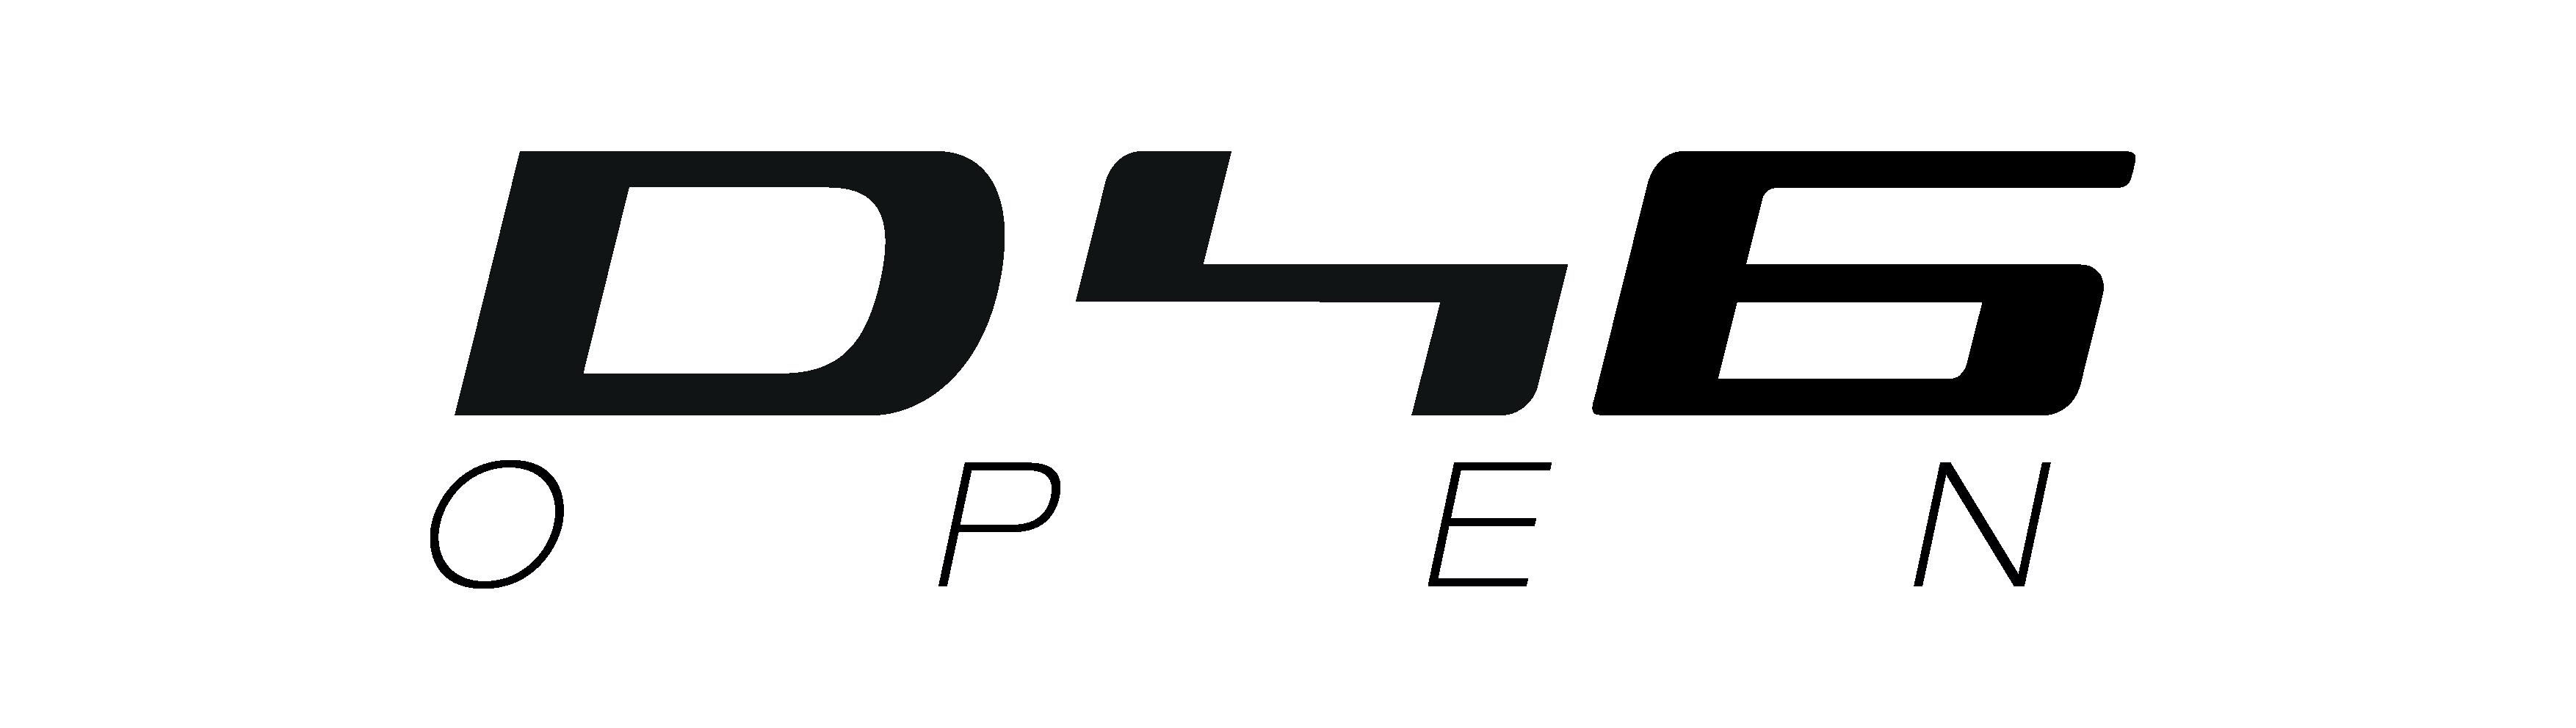 LOGO D 46-01